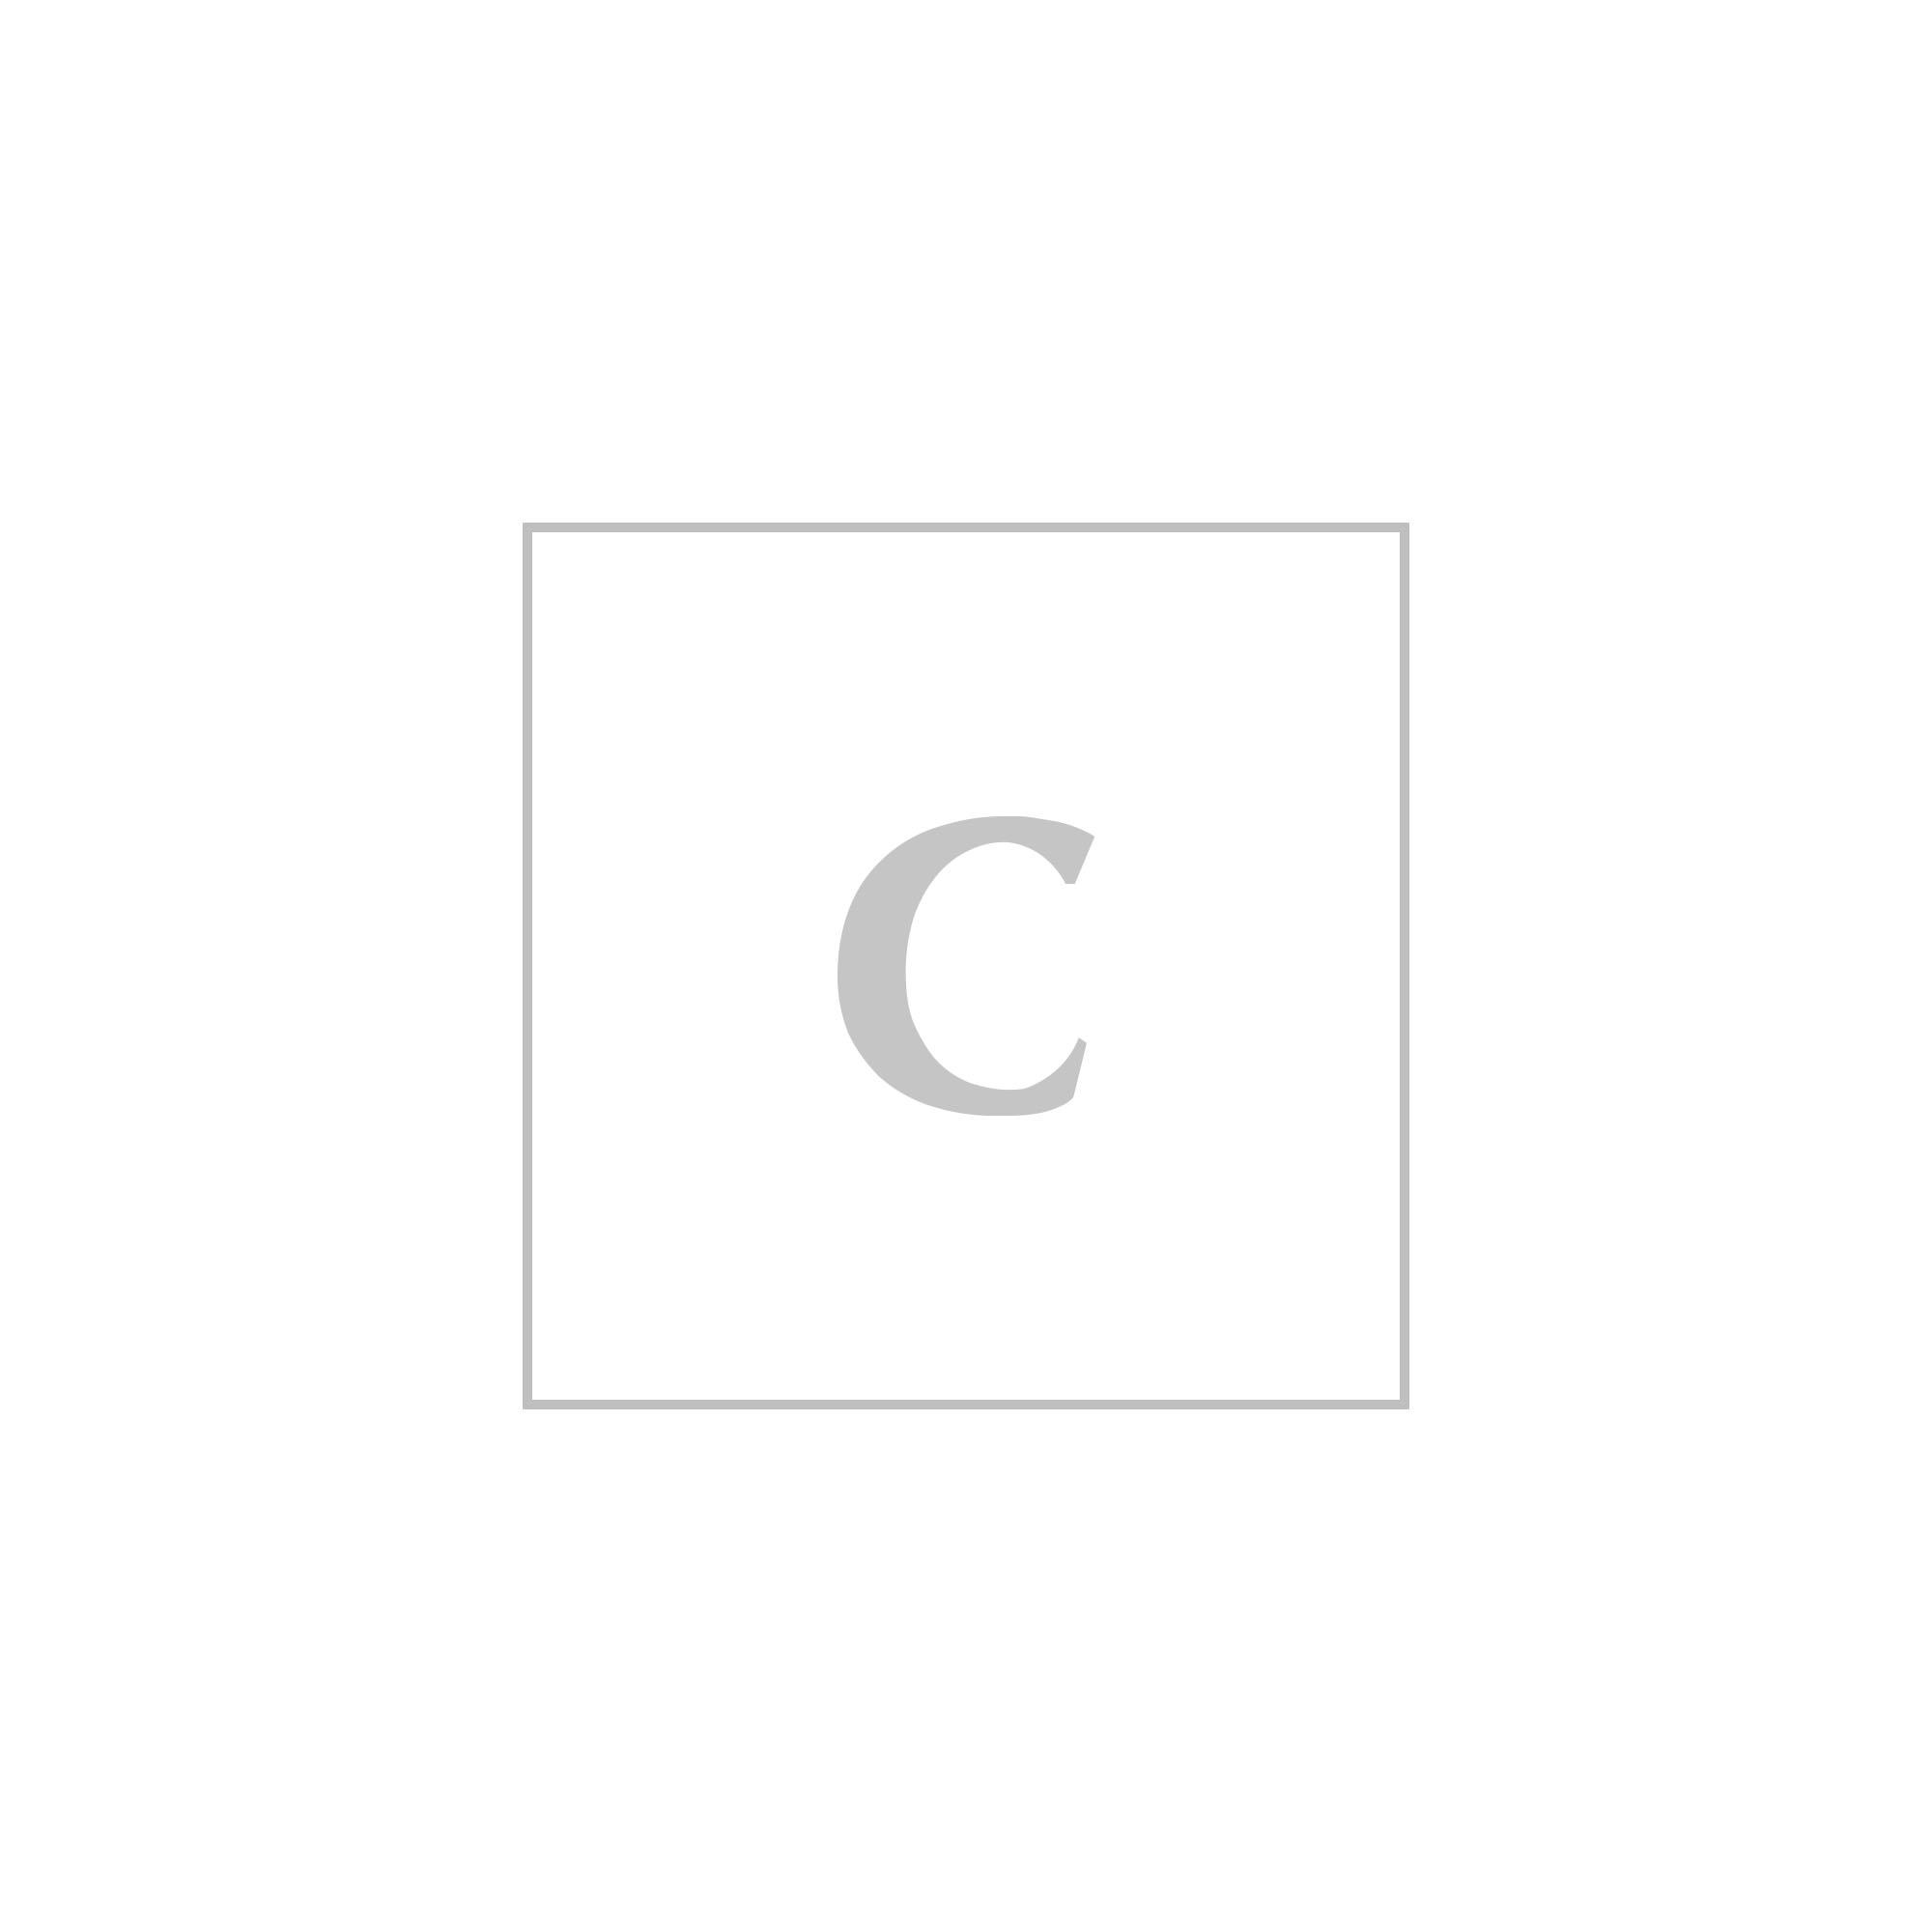 burberry abbigliamento uomo polo walton logo ricamato